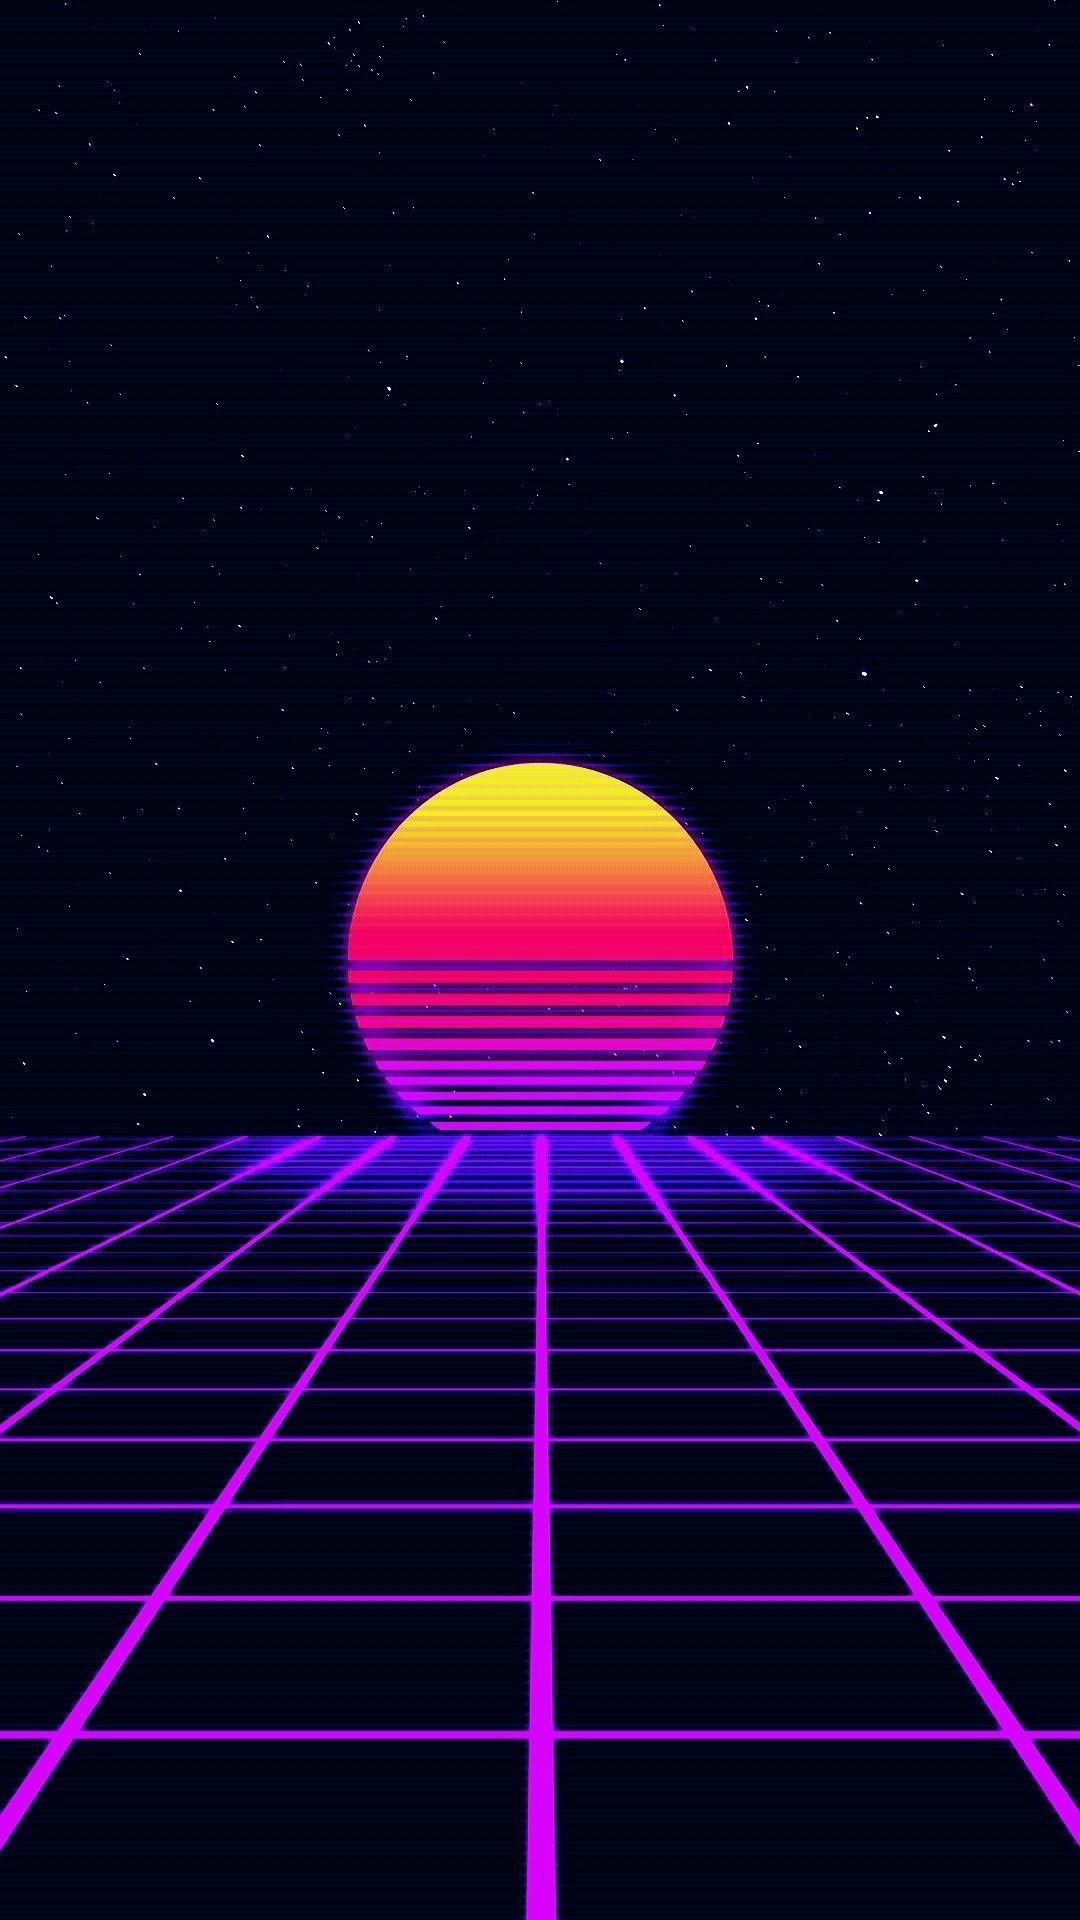 Vaporwave Aesthetic Vaporwave 80s Fondos Vaporwave Wallpaper Neon Wallpaper Synthwave Art